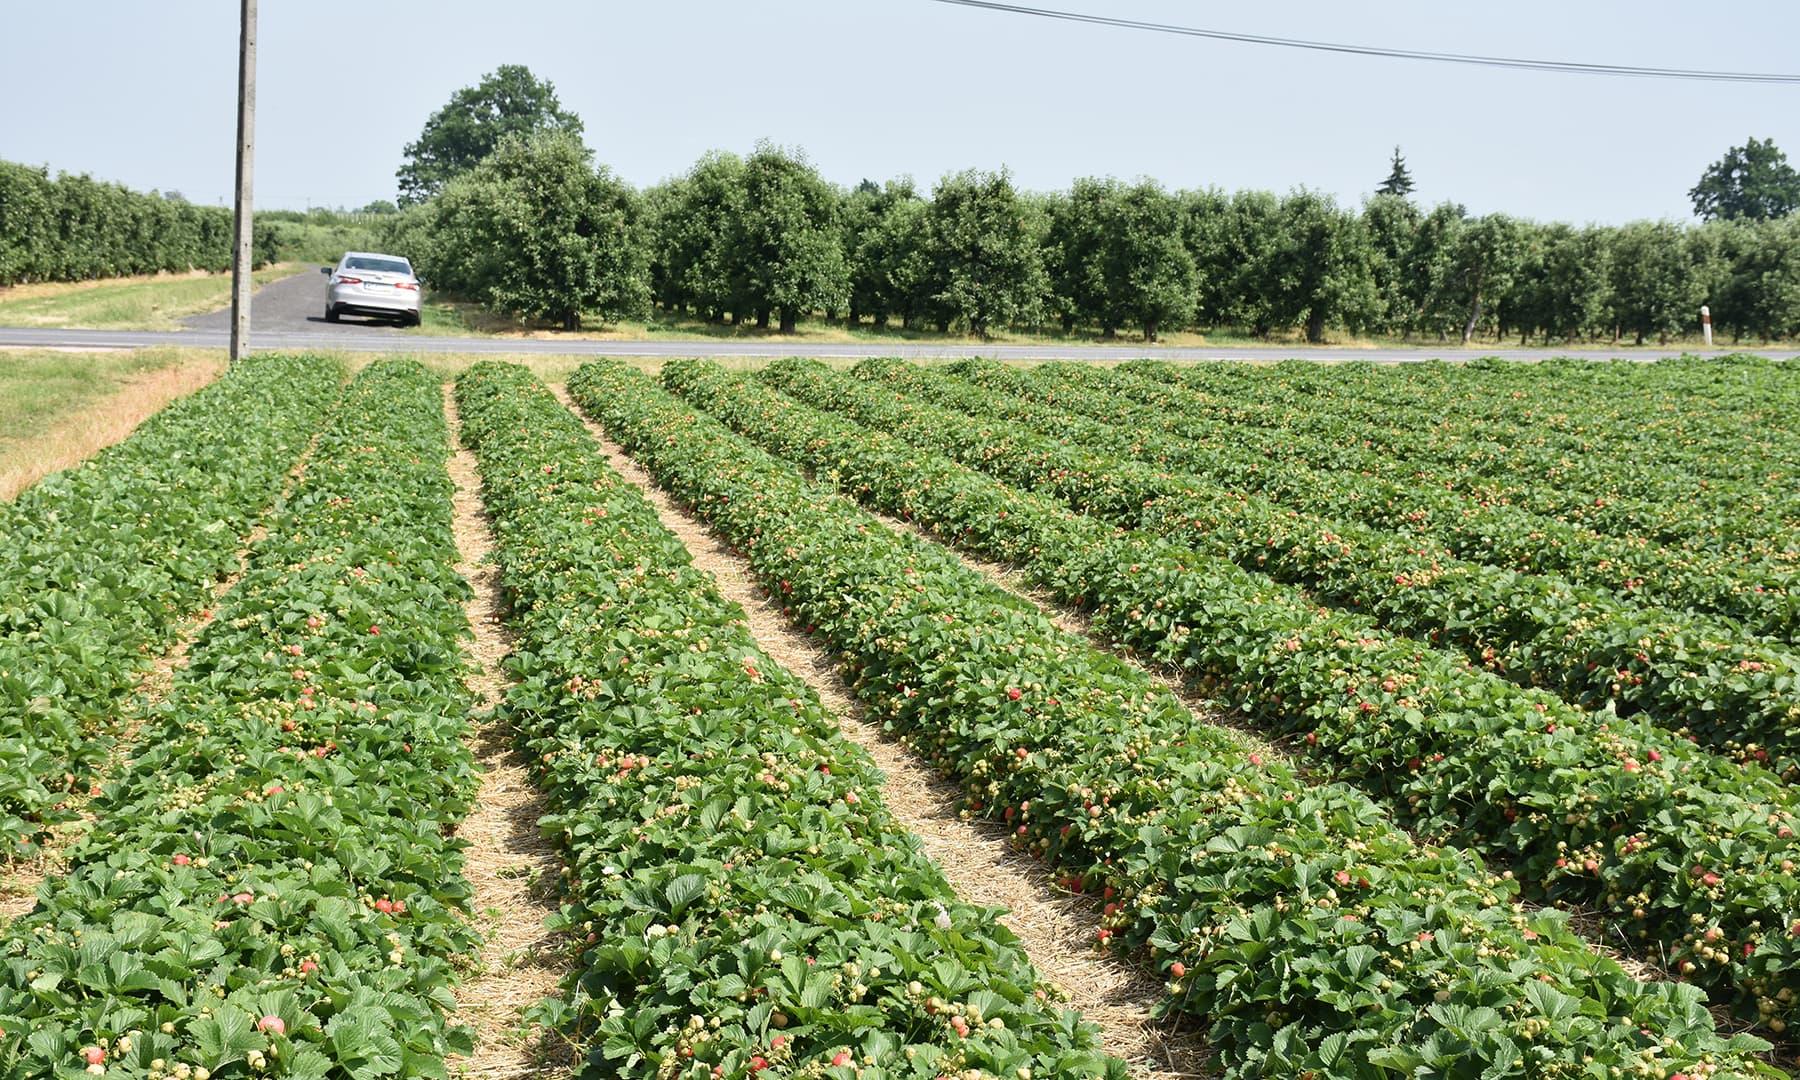 ایک طرف اسٹرابیری اور دوسری طرف سیب کا باغ